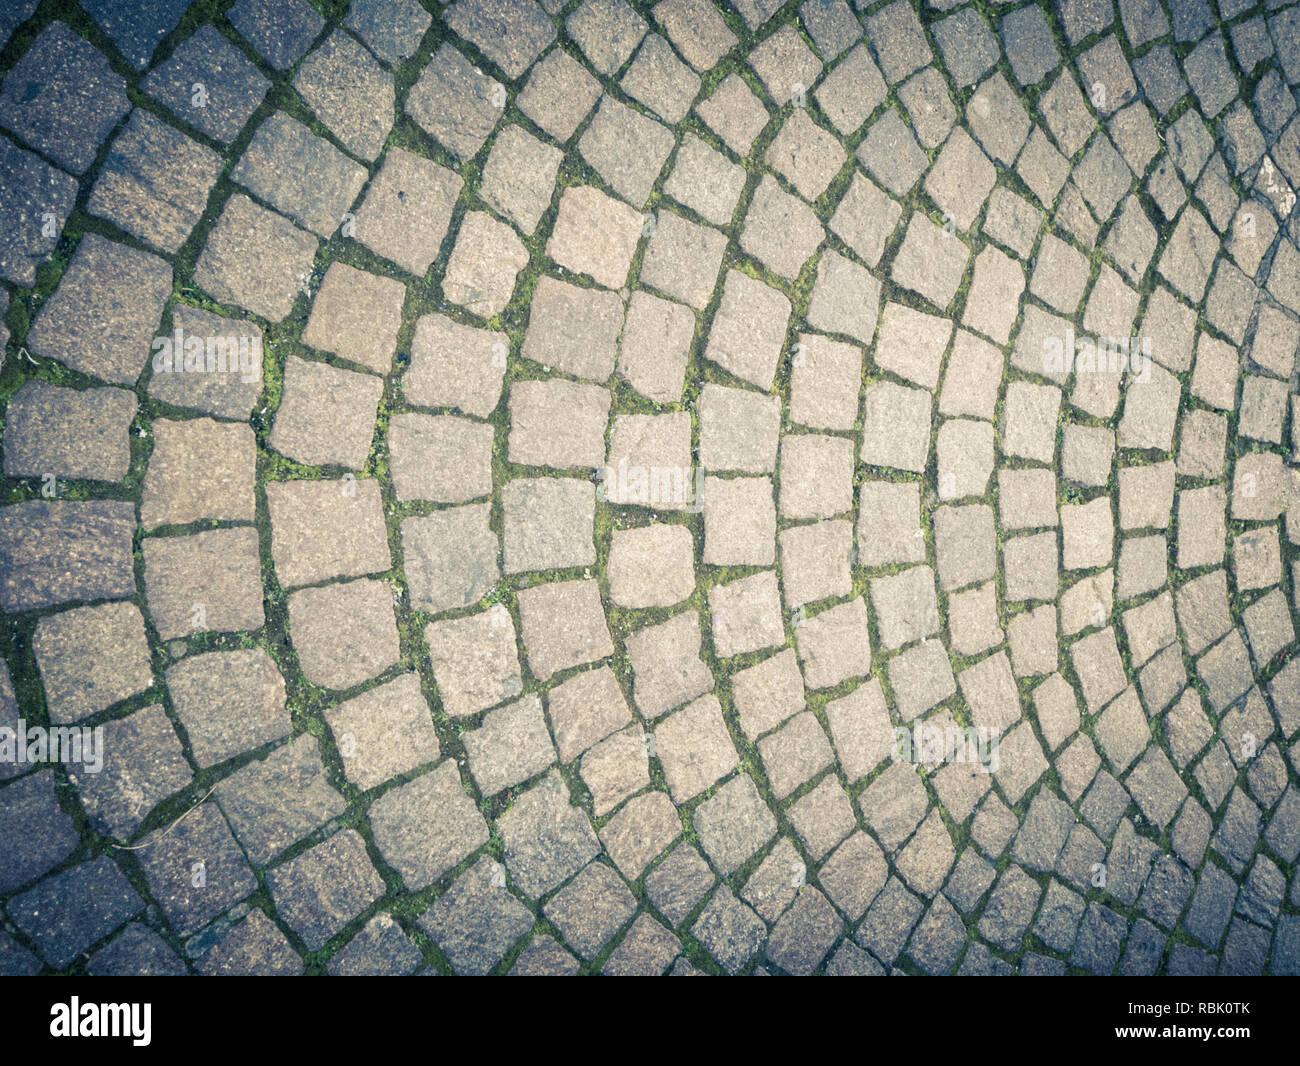 Alte Art von Straße Pflasterung, aus Lavastein Rechtecke mit einem harmonisch halbkreisförmige Struktur. Vertikale Ansicht Stockbild